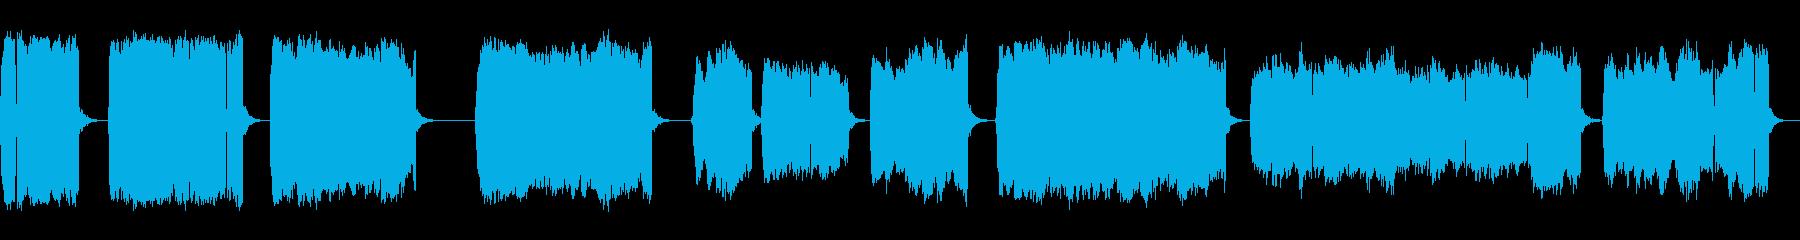 連続的な電気スパークとアーク、フォリーの再生済みの波形